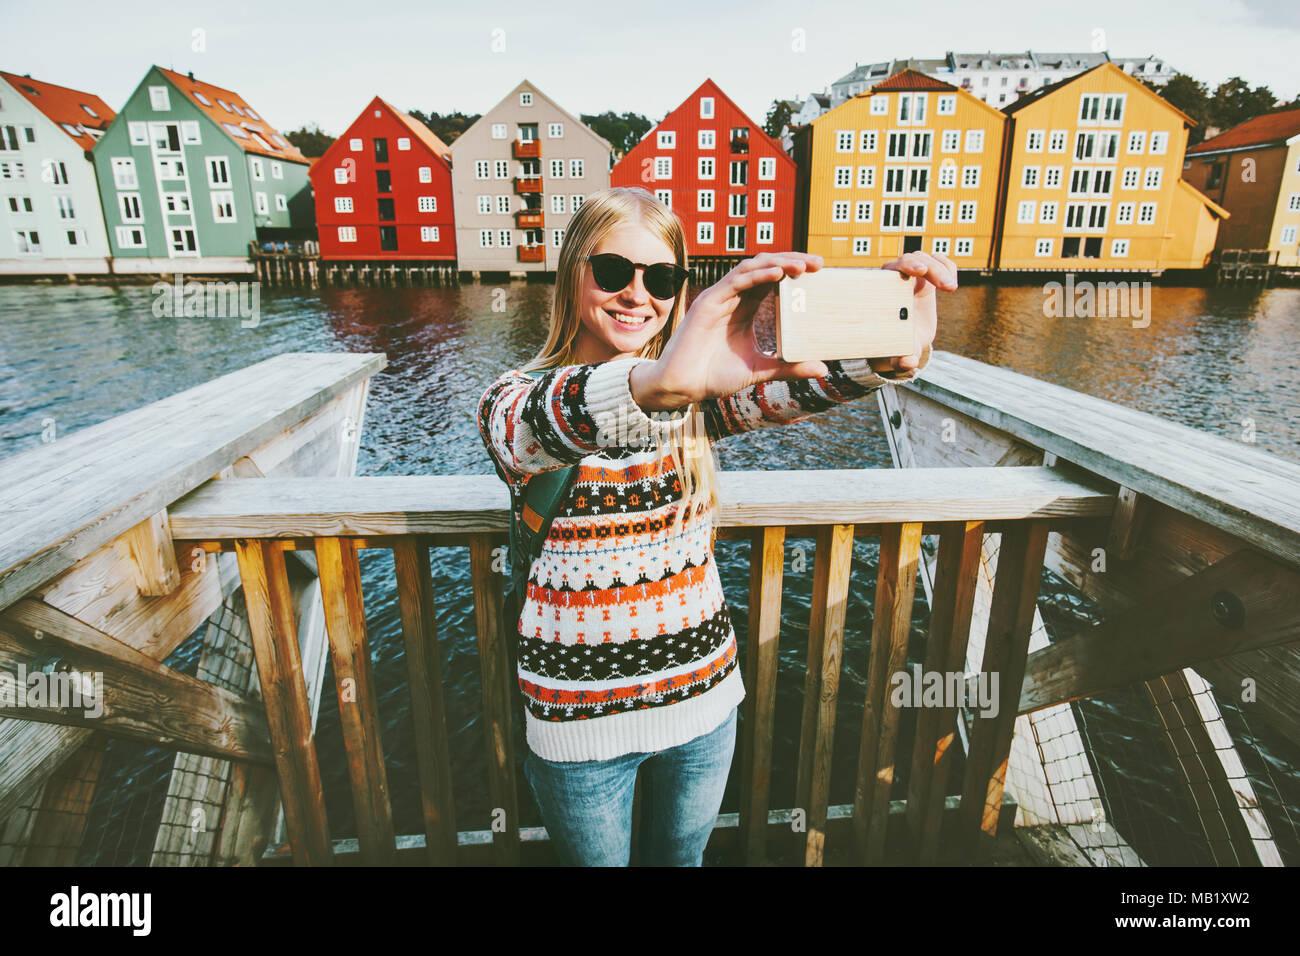 Mujer sonriente tomando selfie feliz viajando en la ciudad de Trondheim, Noruega vacaciones de fin de semana de la moda en el estilo de vida al aire libre alberga monumentos archit escandinavo Foto de stock